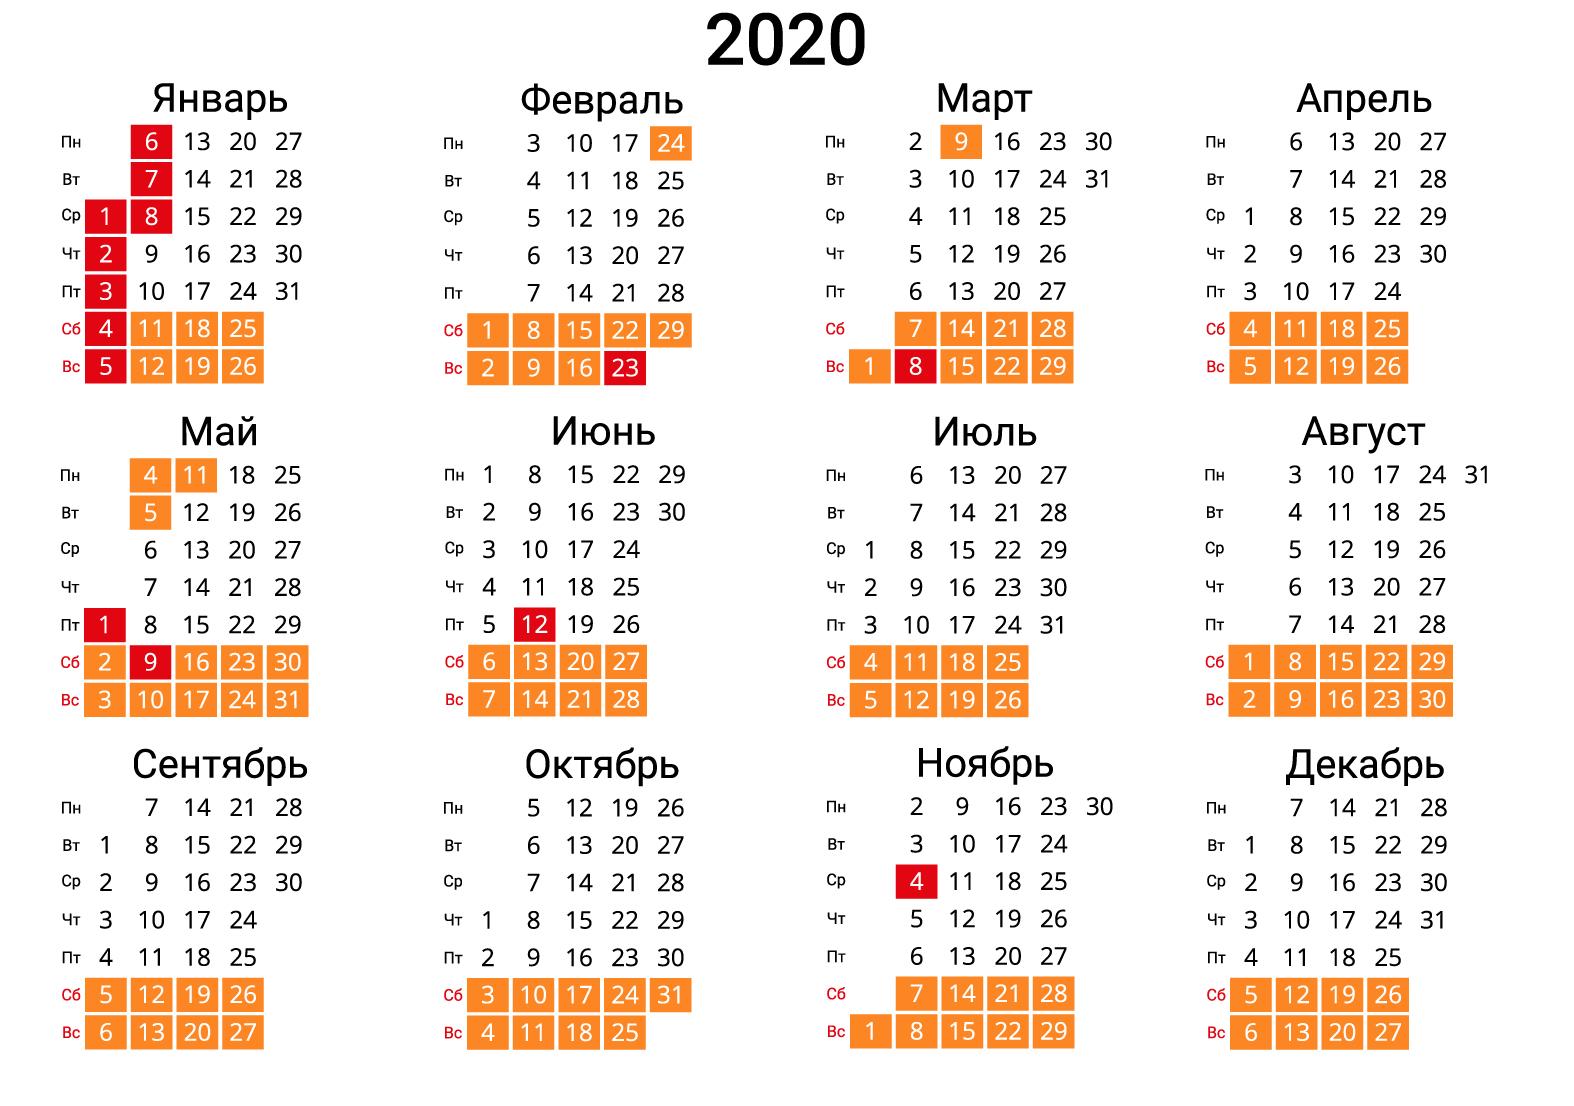 Скачать Календарь На 2020 Год В Форматах: Word, Pdf, Jpg throughout Kalendar Kuda 2020 Pdf